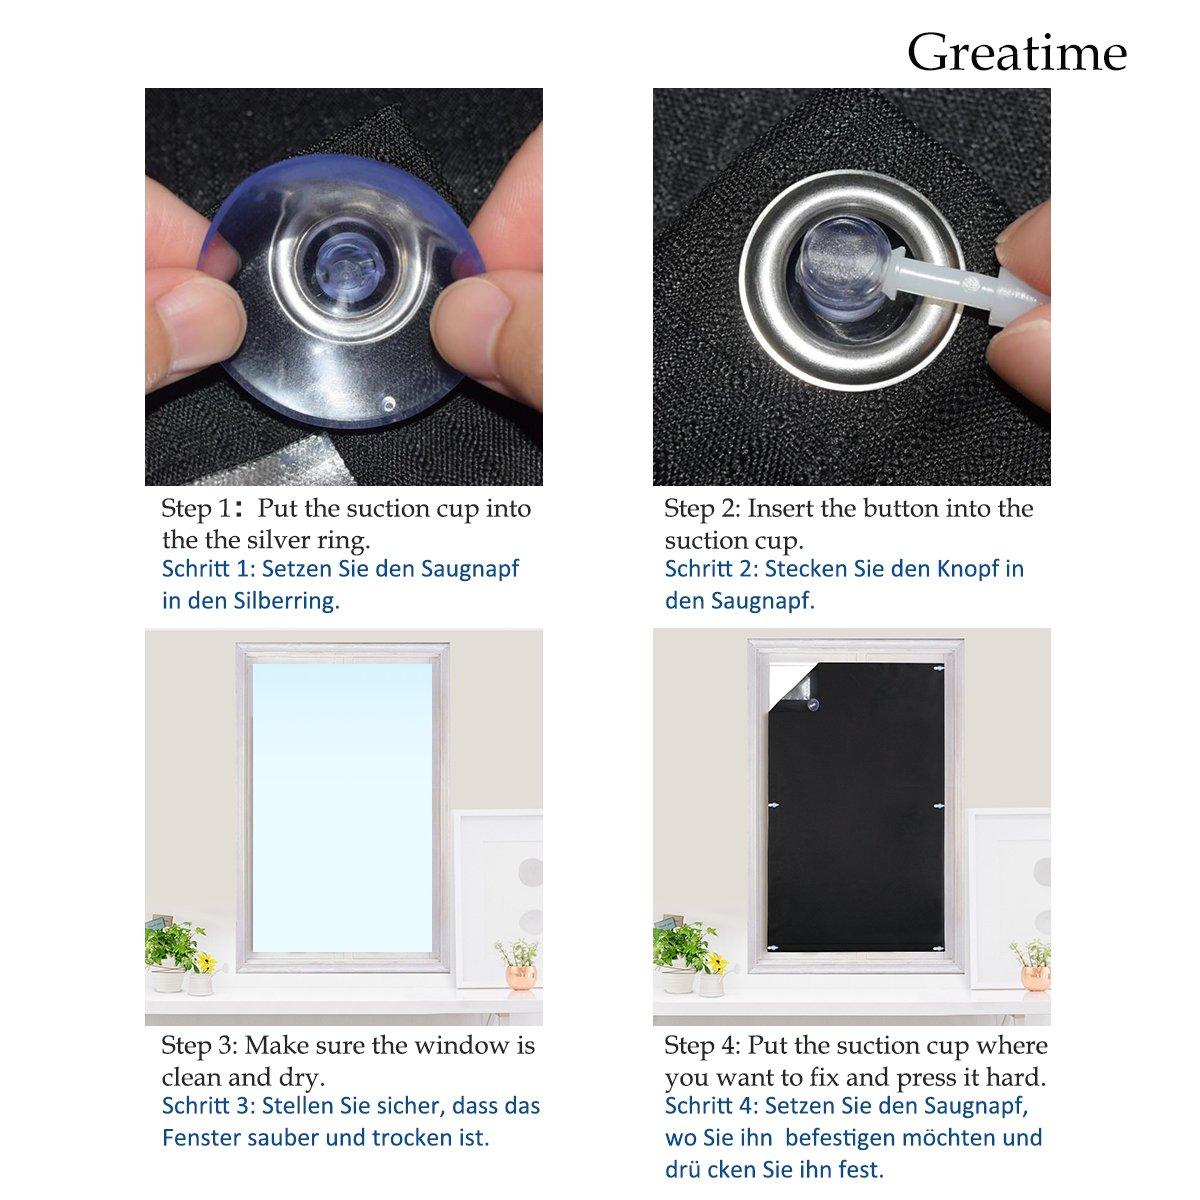 Greatime 100 Lichtundurchlässig Gardinen Mit Saugnäpfen Verdunkelungsvorhang Isolierung Für Velux Dachfenster Schwarz 60x93 Cm